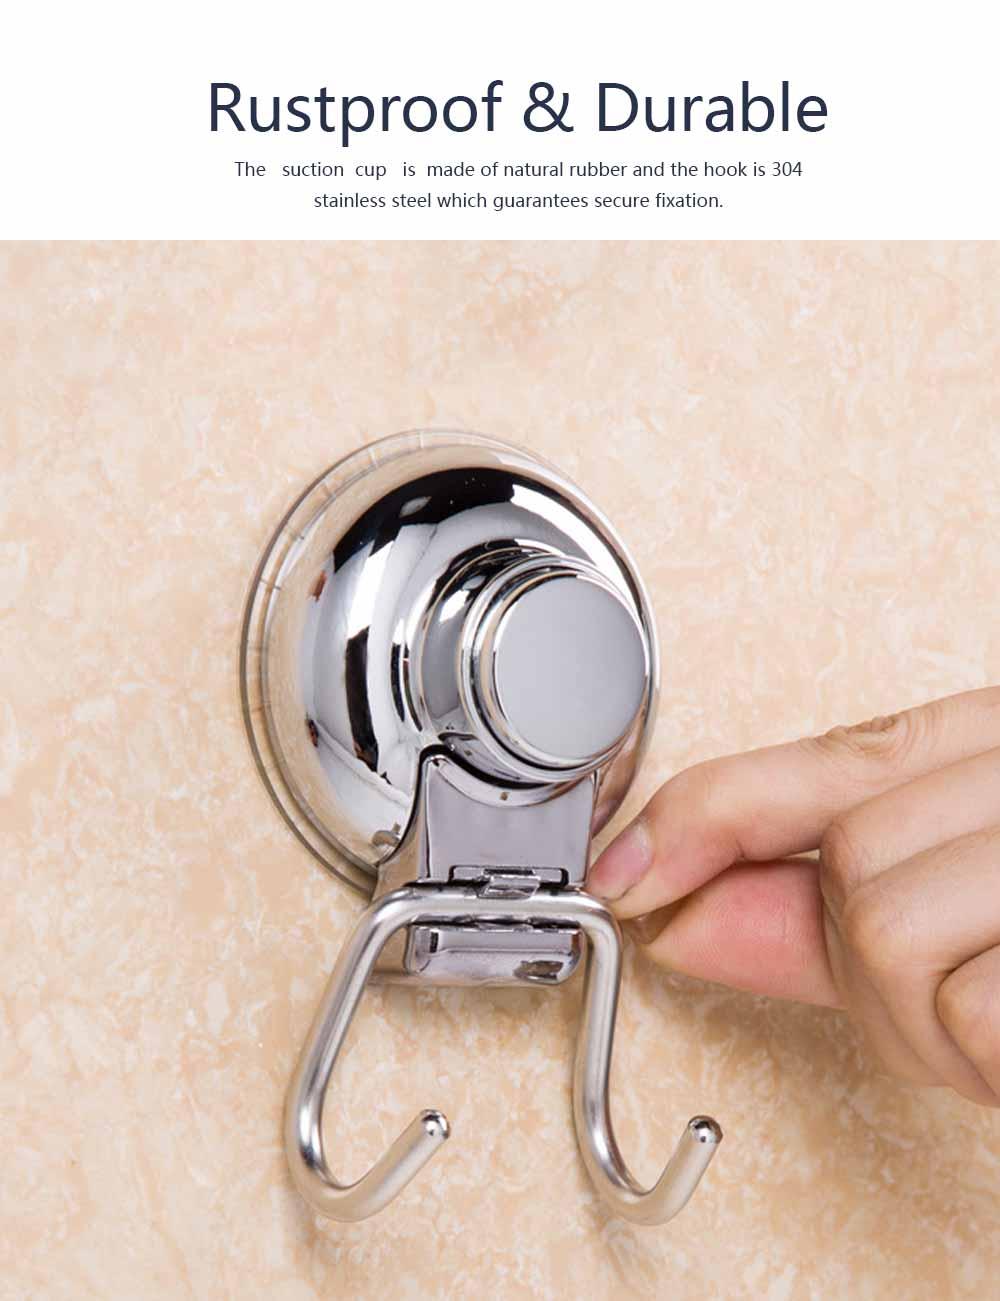 Bathroom Shower Towel Hook, Kitchen Wall Hanger, Stainless Steel Heavy Duty Hook 6